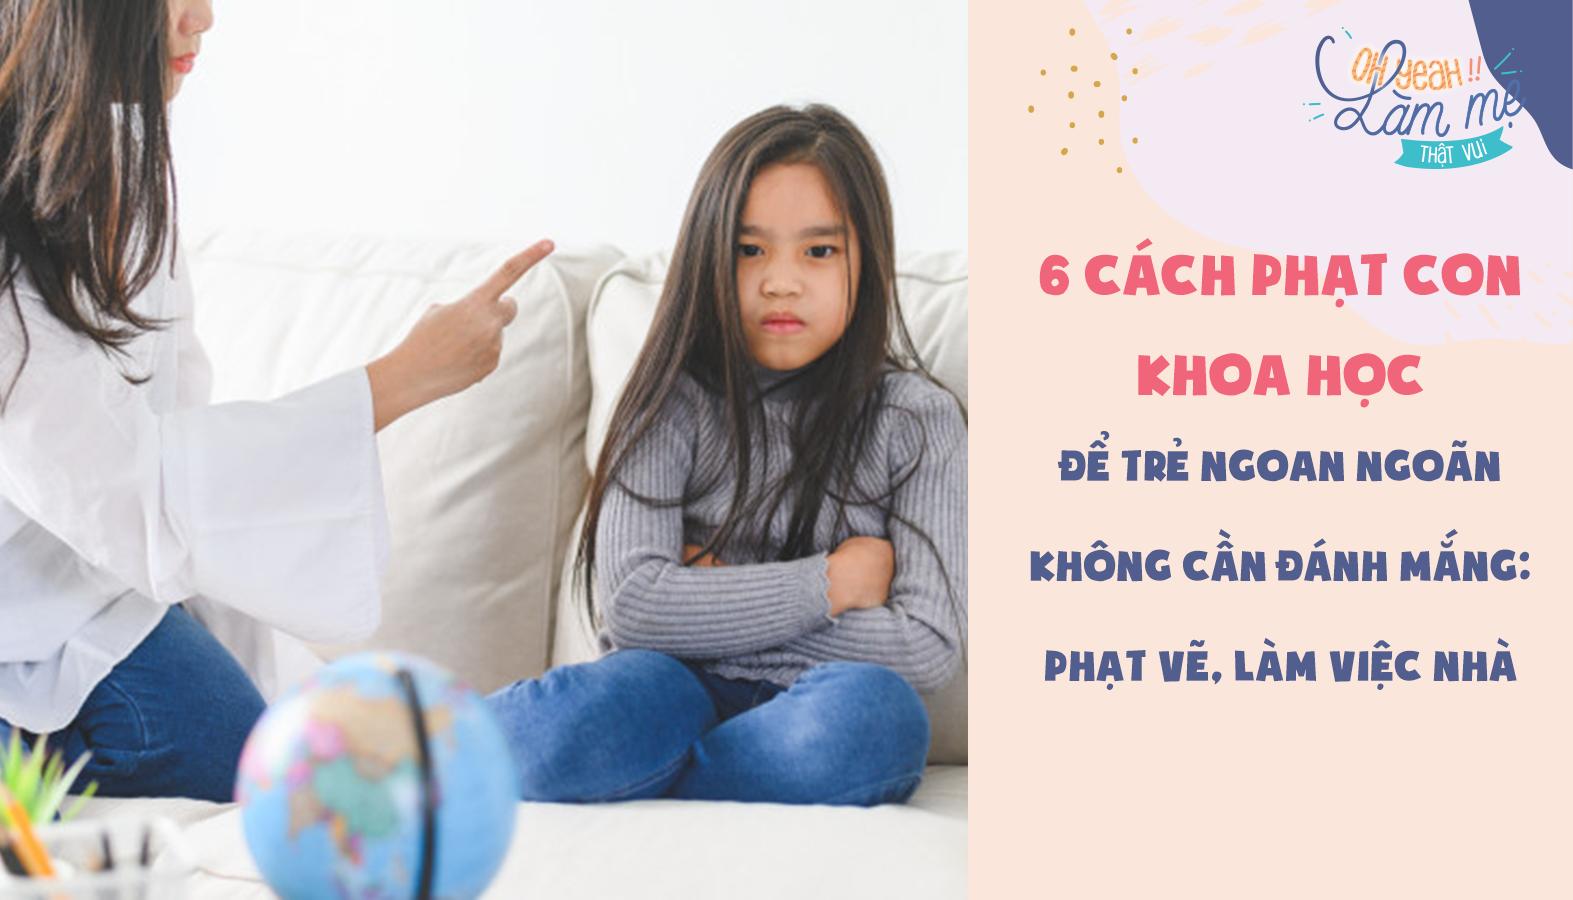 6 cách phạt con khoa học để trẻ ngoan ngoãn không cần đánh mắng: phạt vẽ, làm việc nhà